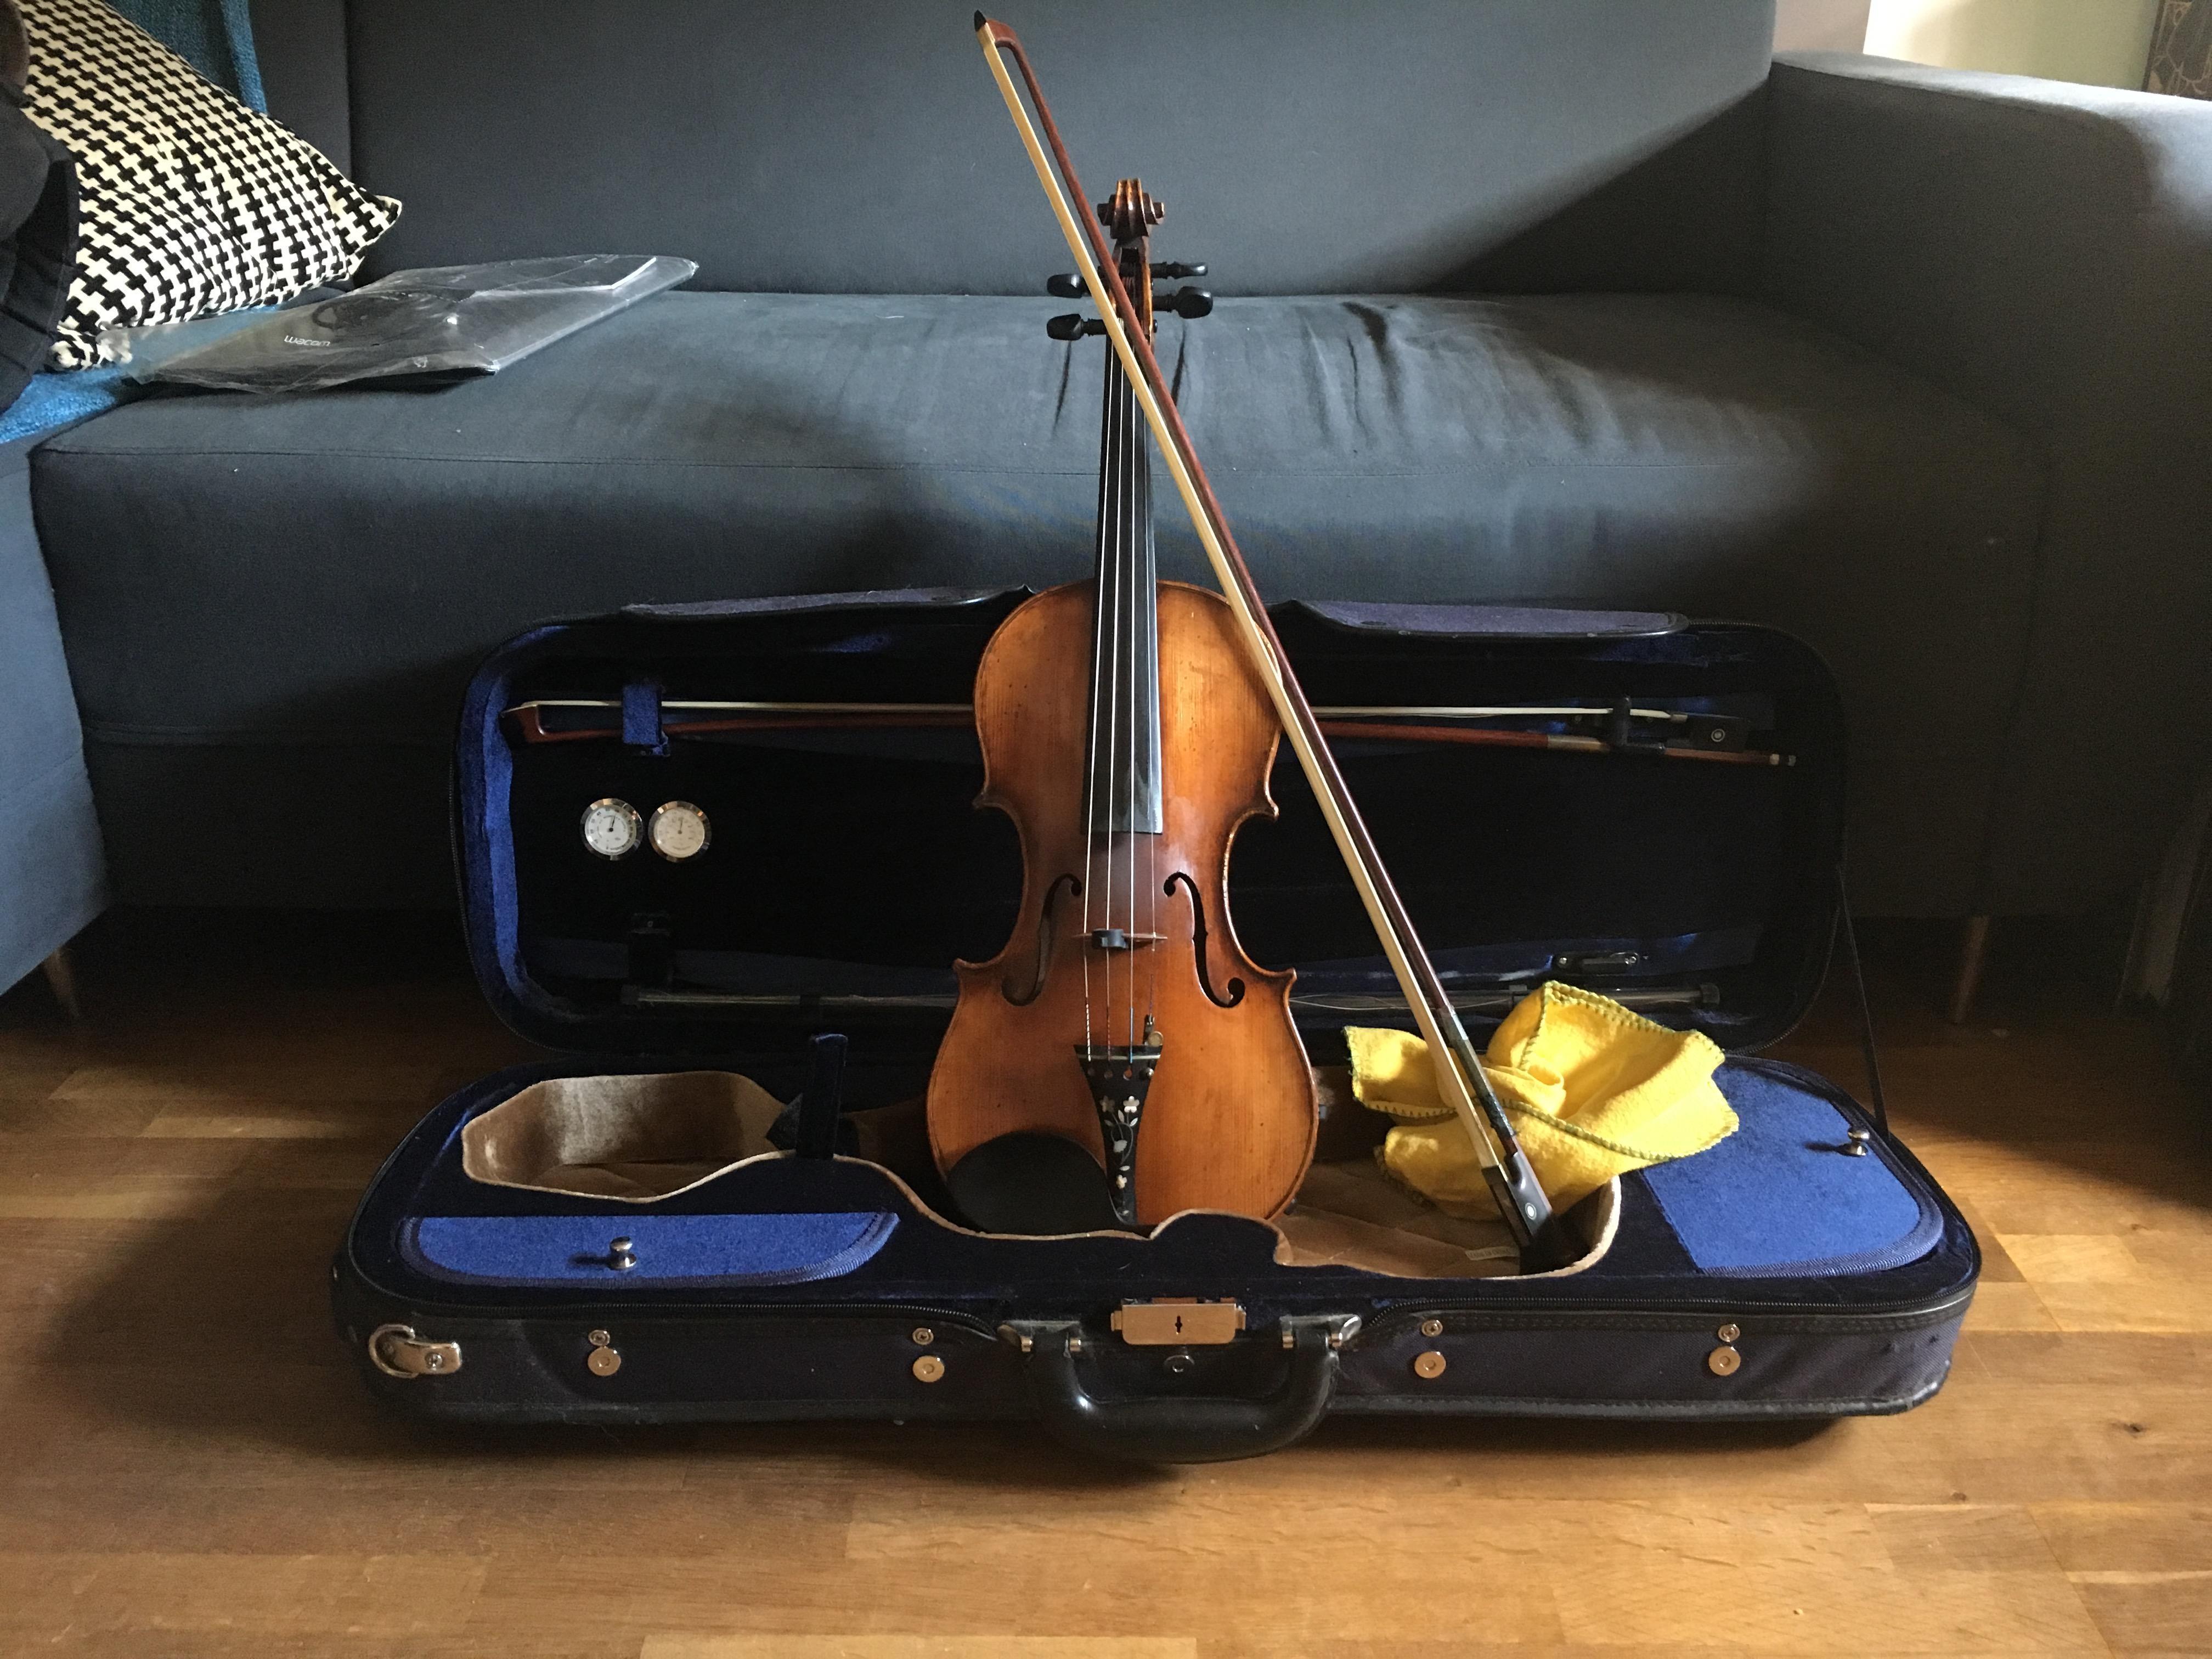 troc de troc cours de violon image 0